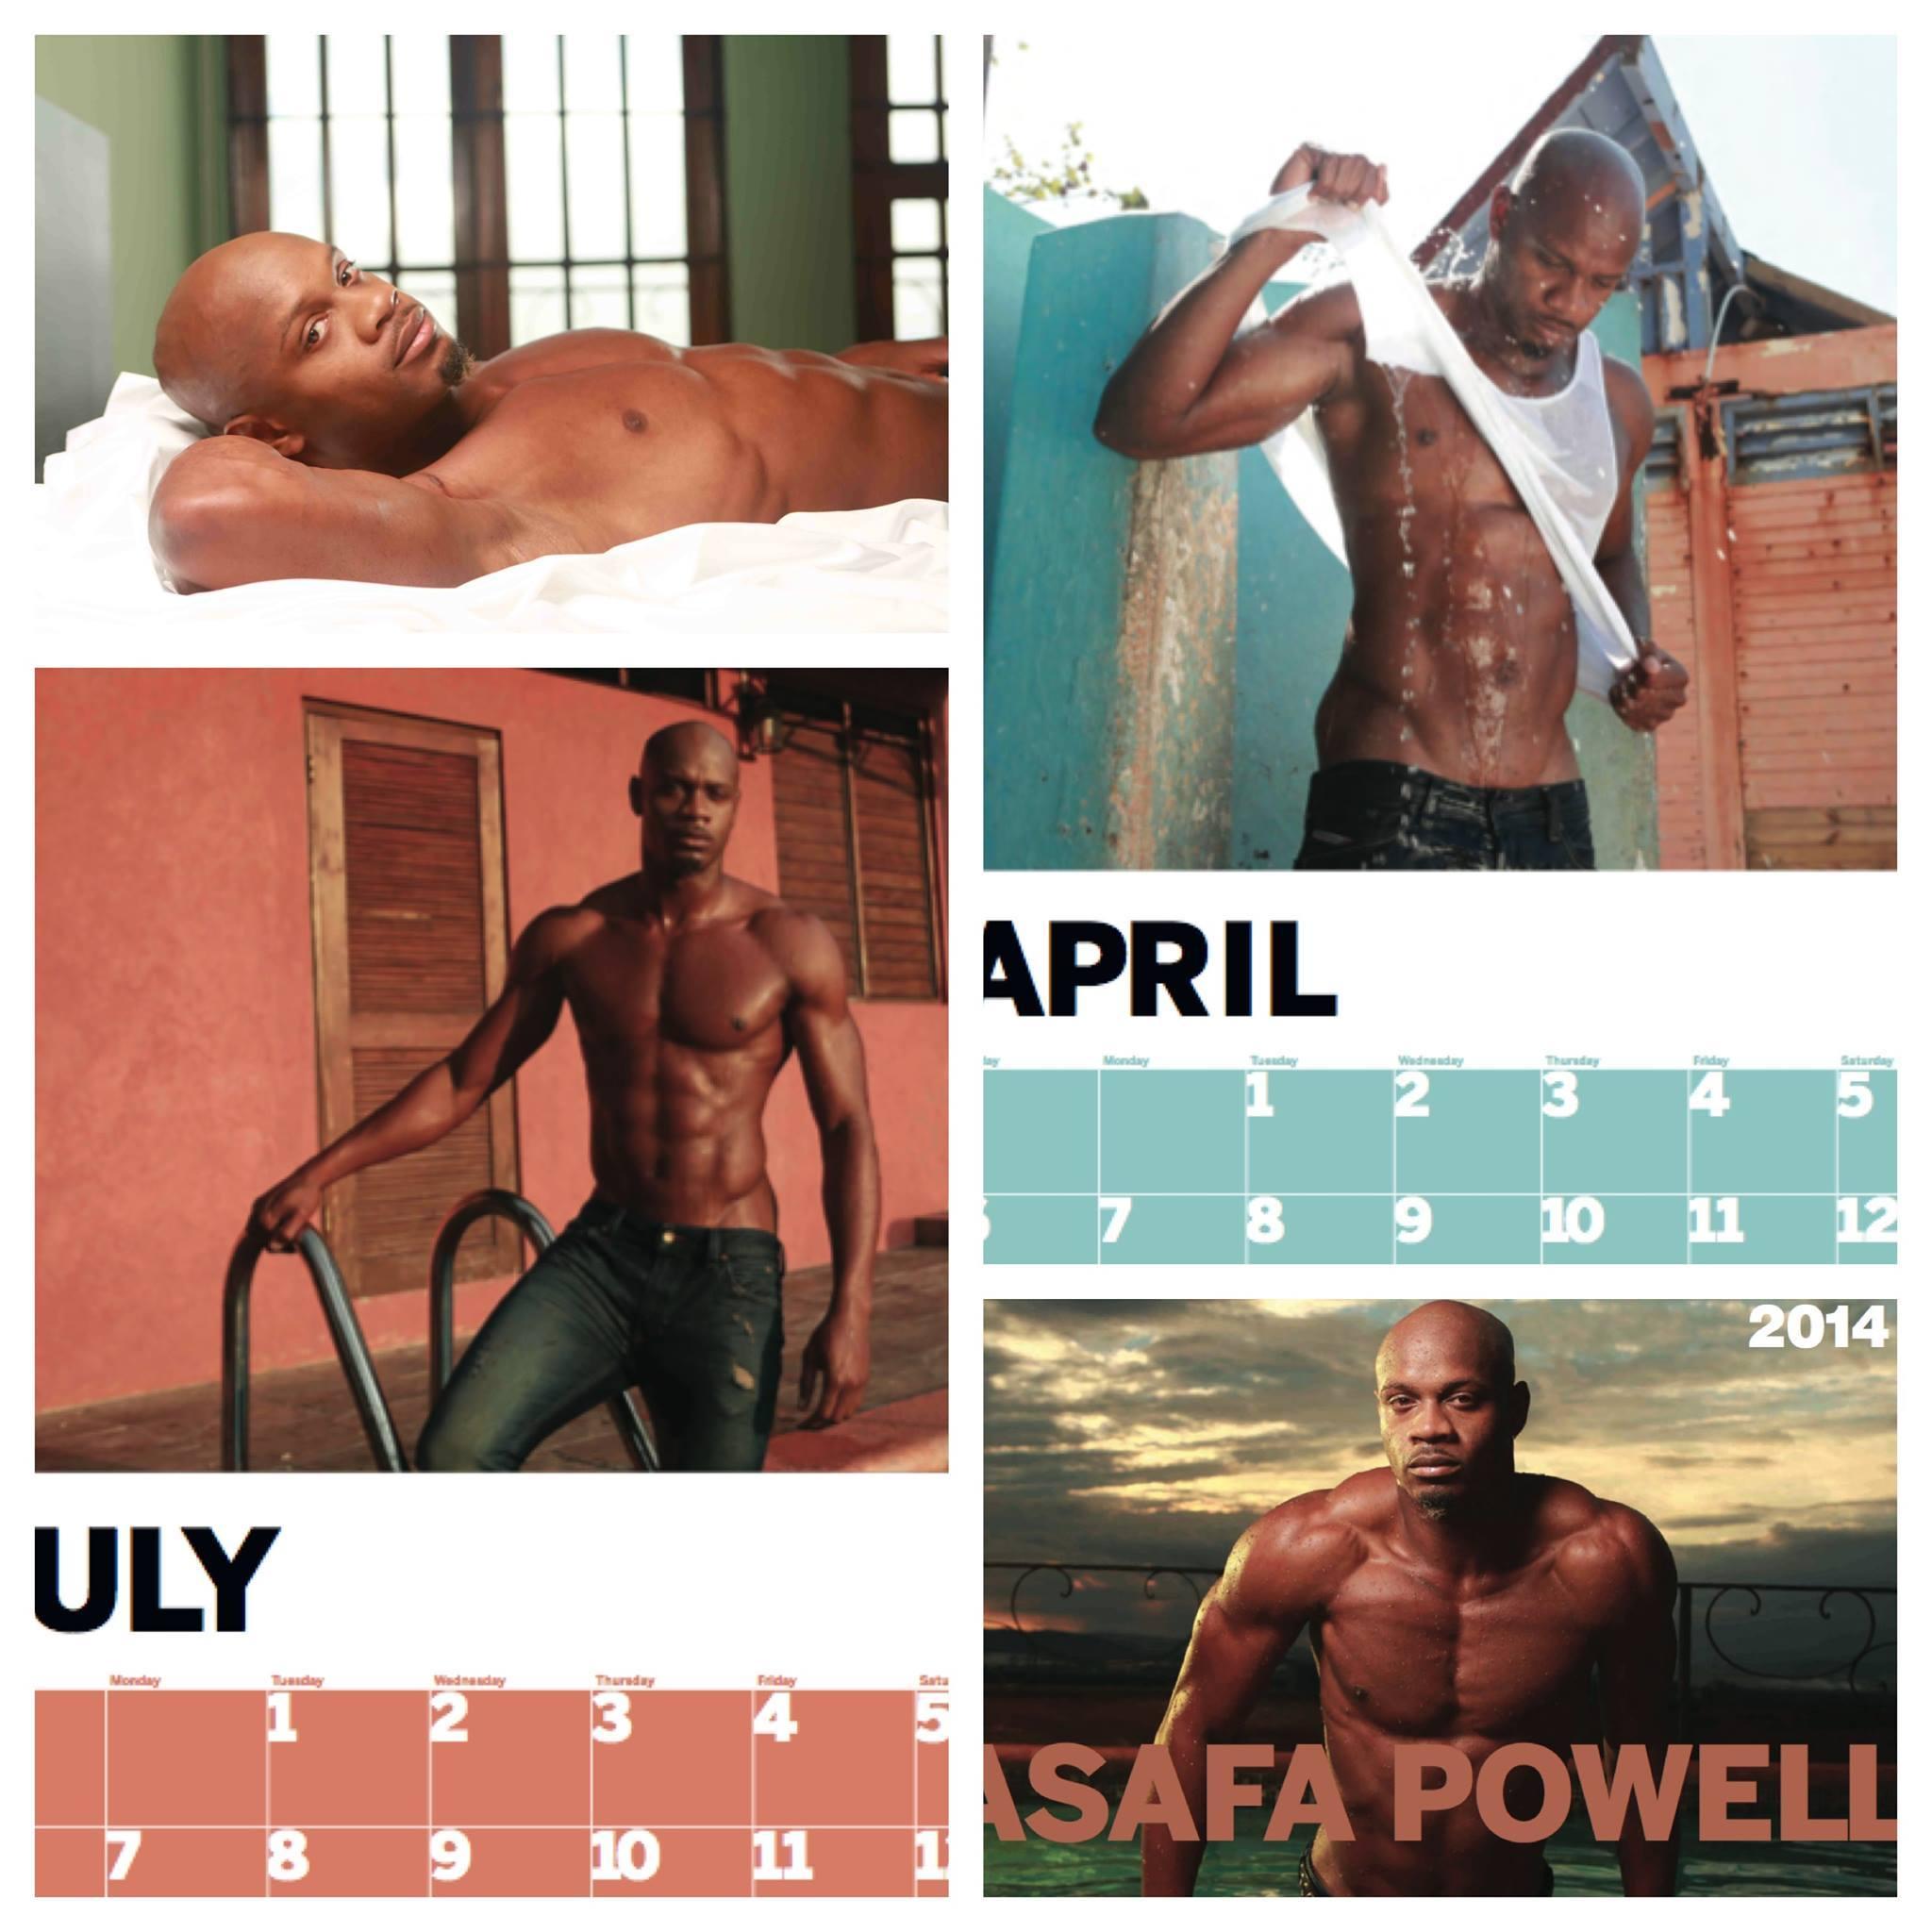 Asafa Powell 2014 calender